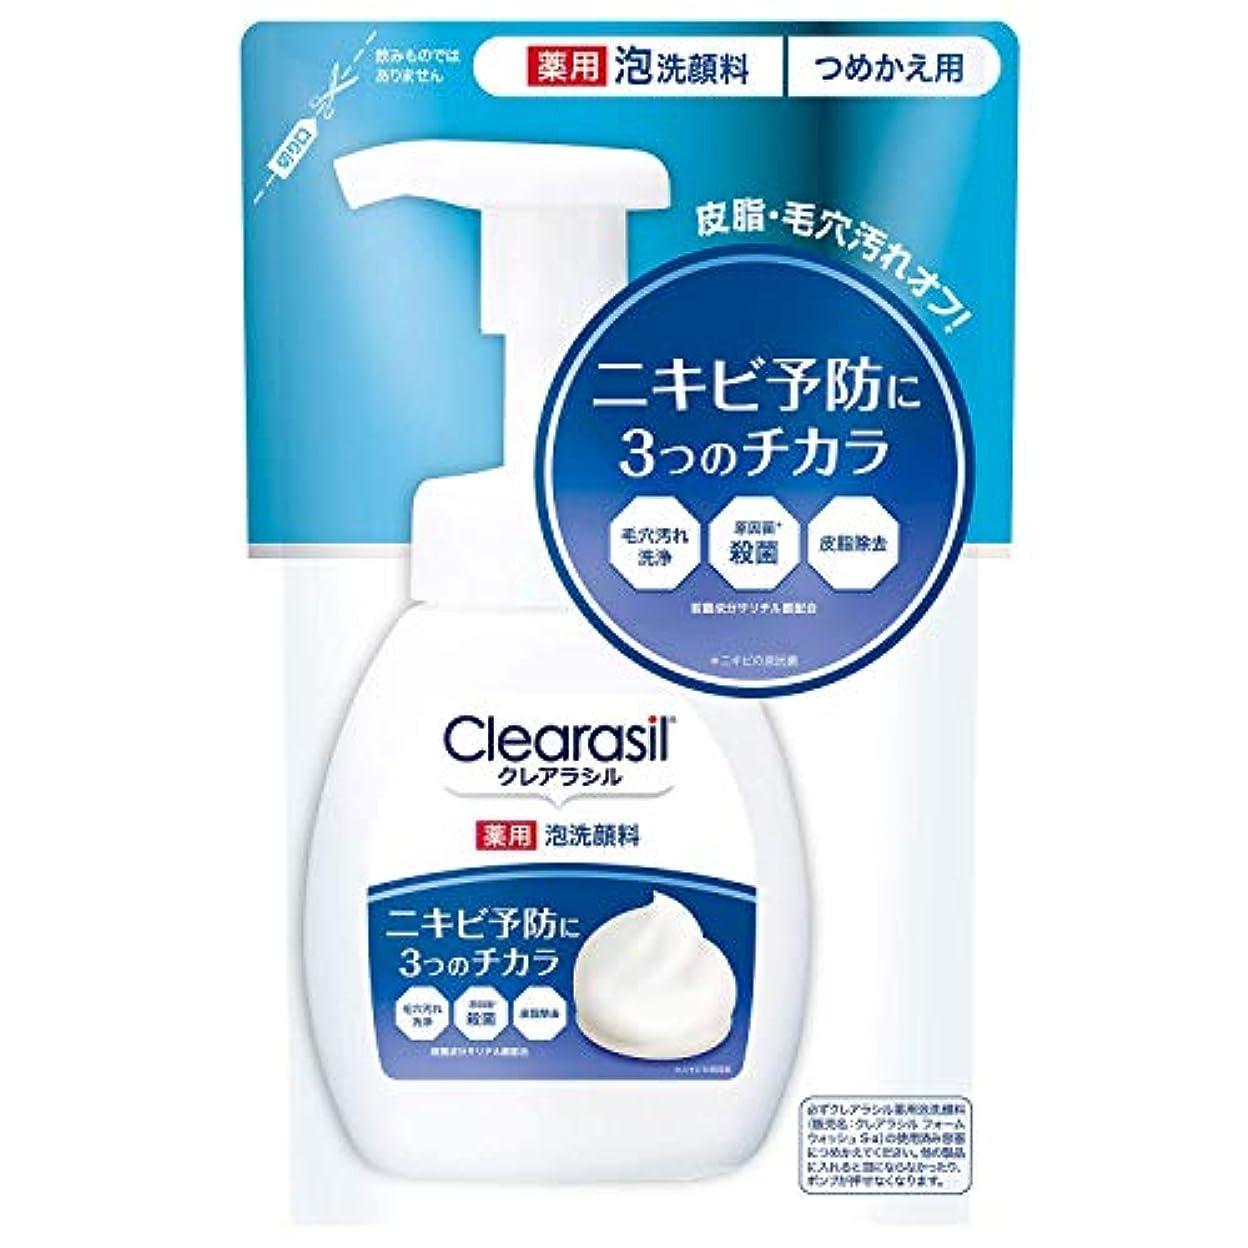 ブースト異邦人胸【clearasil】クレアラシル 薬用泡洗顔フォーム10 つめかえ用 (180ml) ×5個セット